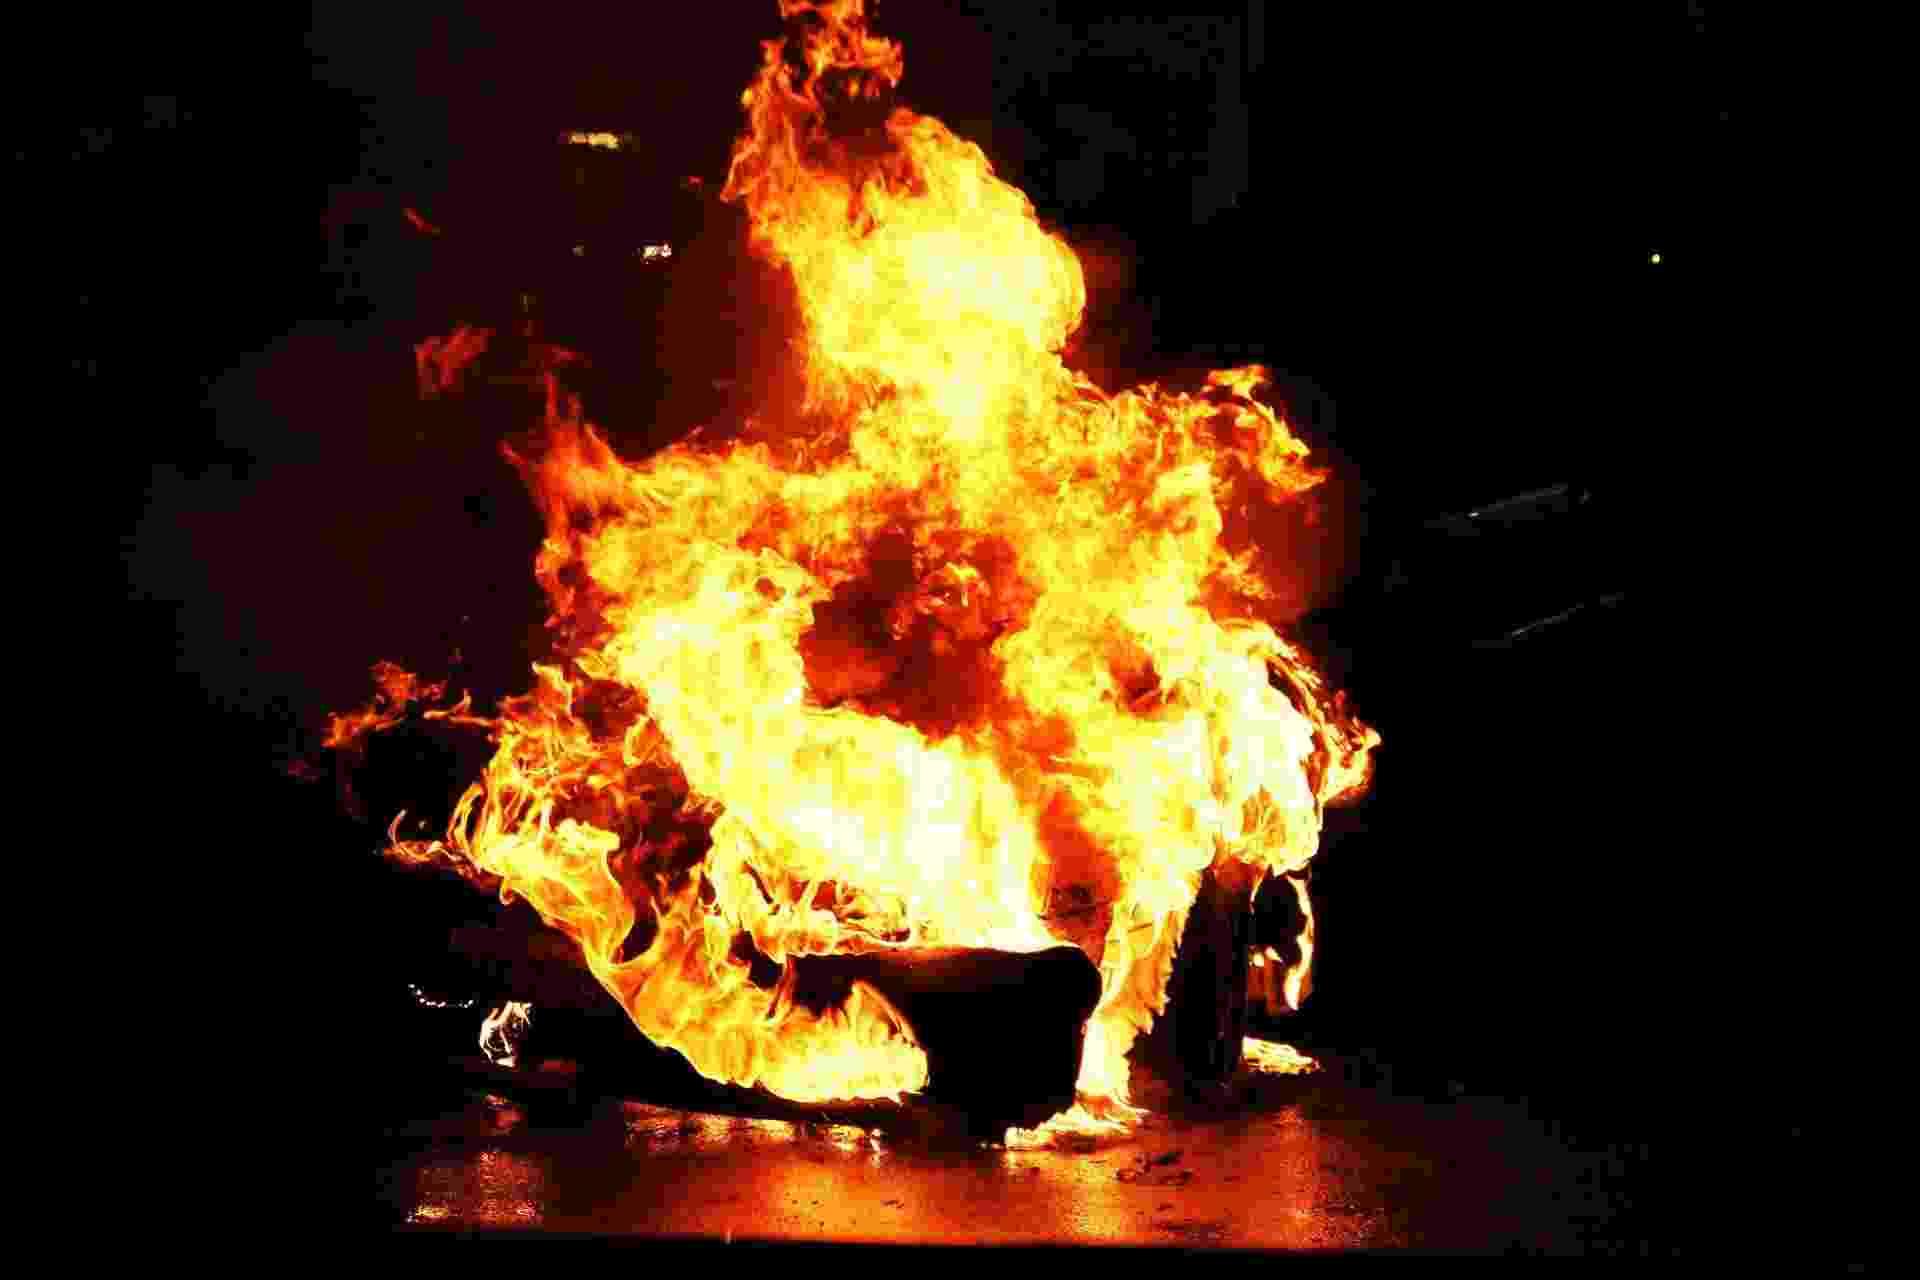 31.jul.2013 - Carro pega fogo no estacionamento de uma lanchonete na esquina das avenidas Rebouças e Henrique Schaumann, na zona oeste de São Paulo, na madrugada desta quarta-feira (31). Segundo o motorista, o veículo pegou fogo no momento em que ele deixava a lanchonete. A Polícia Militar afirmou que o incêndio não tem ligação com os protestos realizados na região da avenida Rebouças nesta terça (30) - Nivaldo Lima/Futura Press